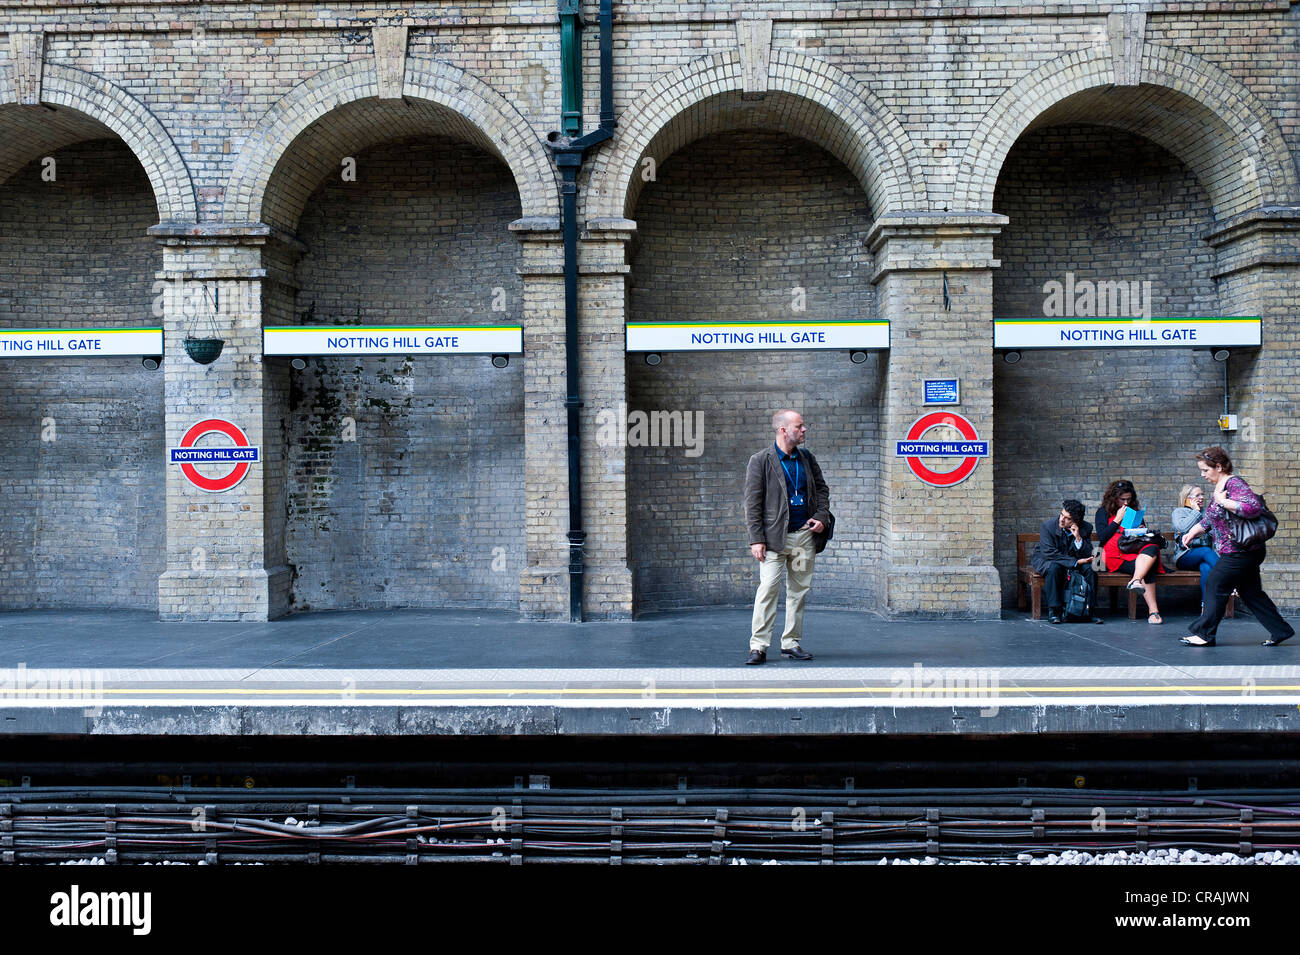 Notting Hill Gate underground station, Notting Hill, London, England, United Kingdom, Europe - Stock Image